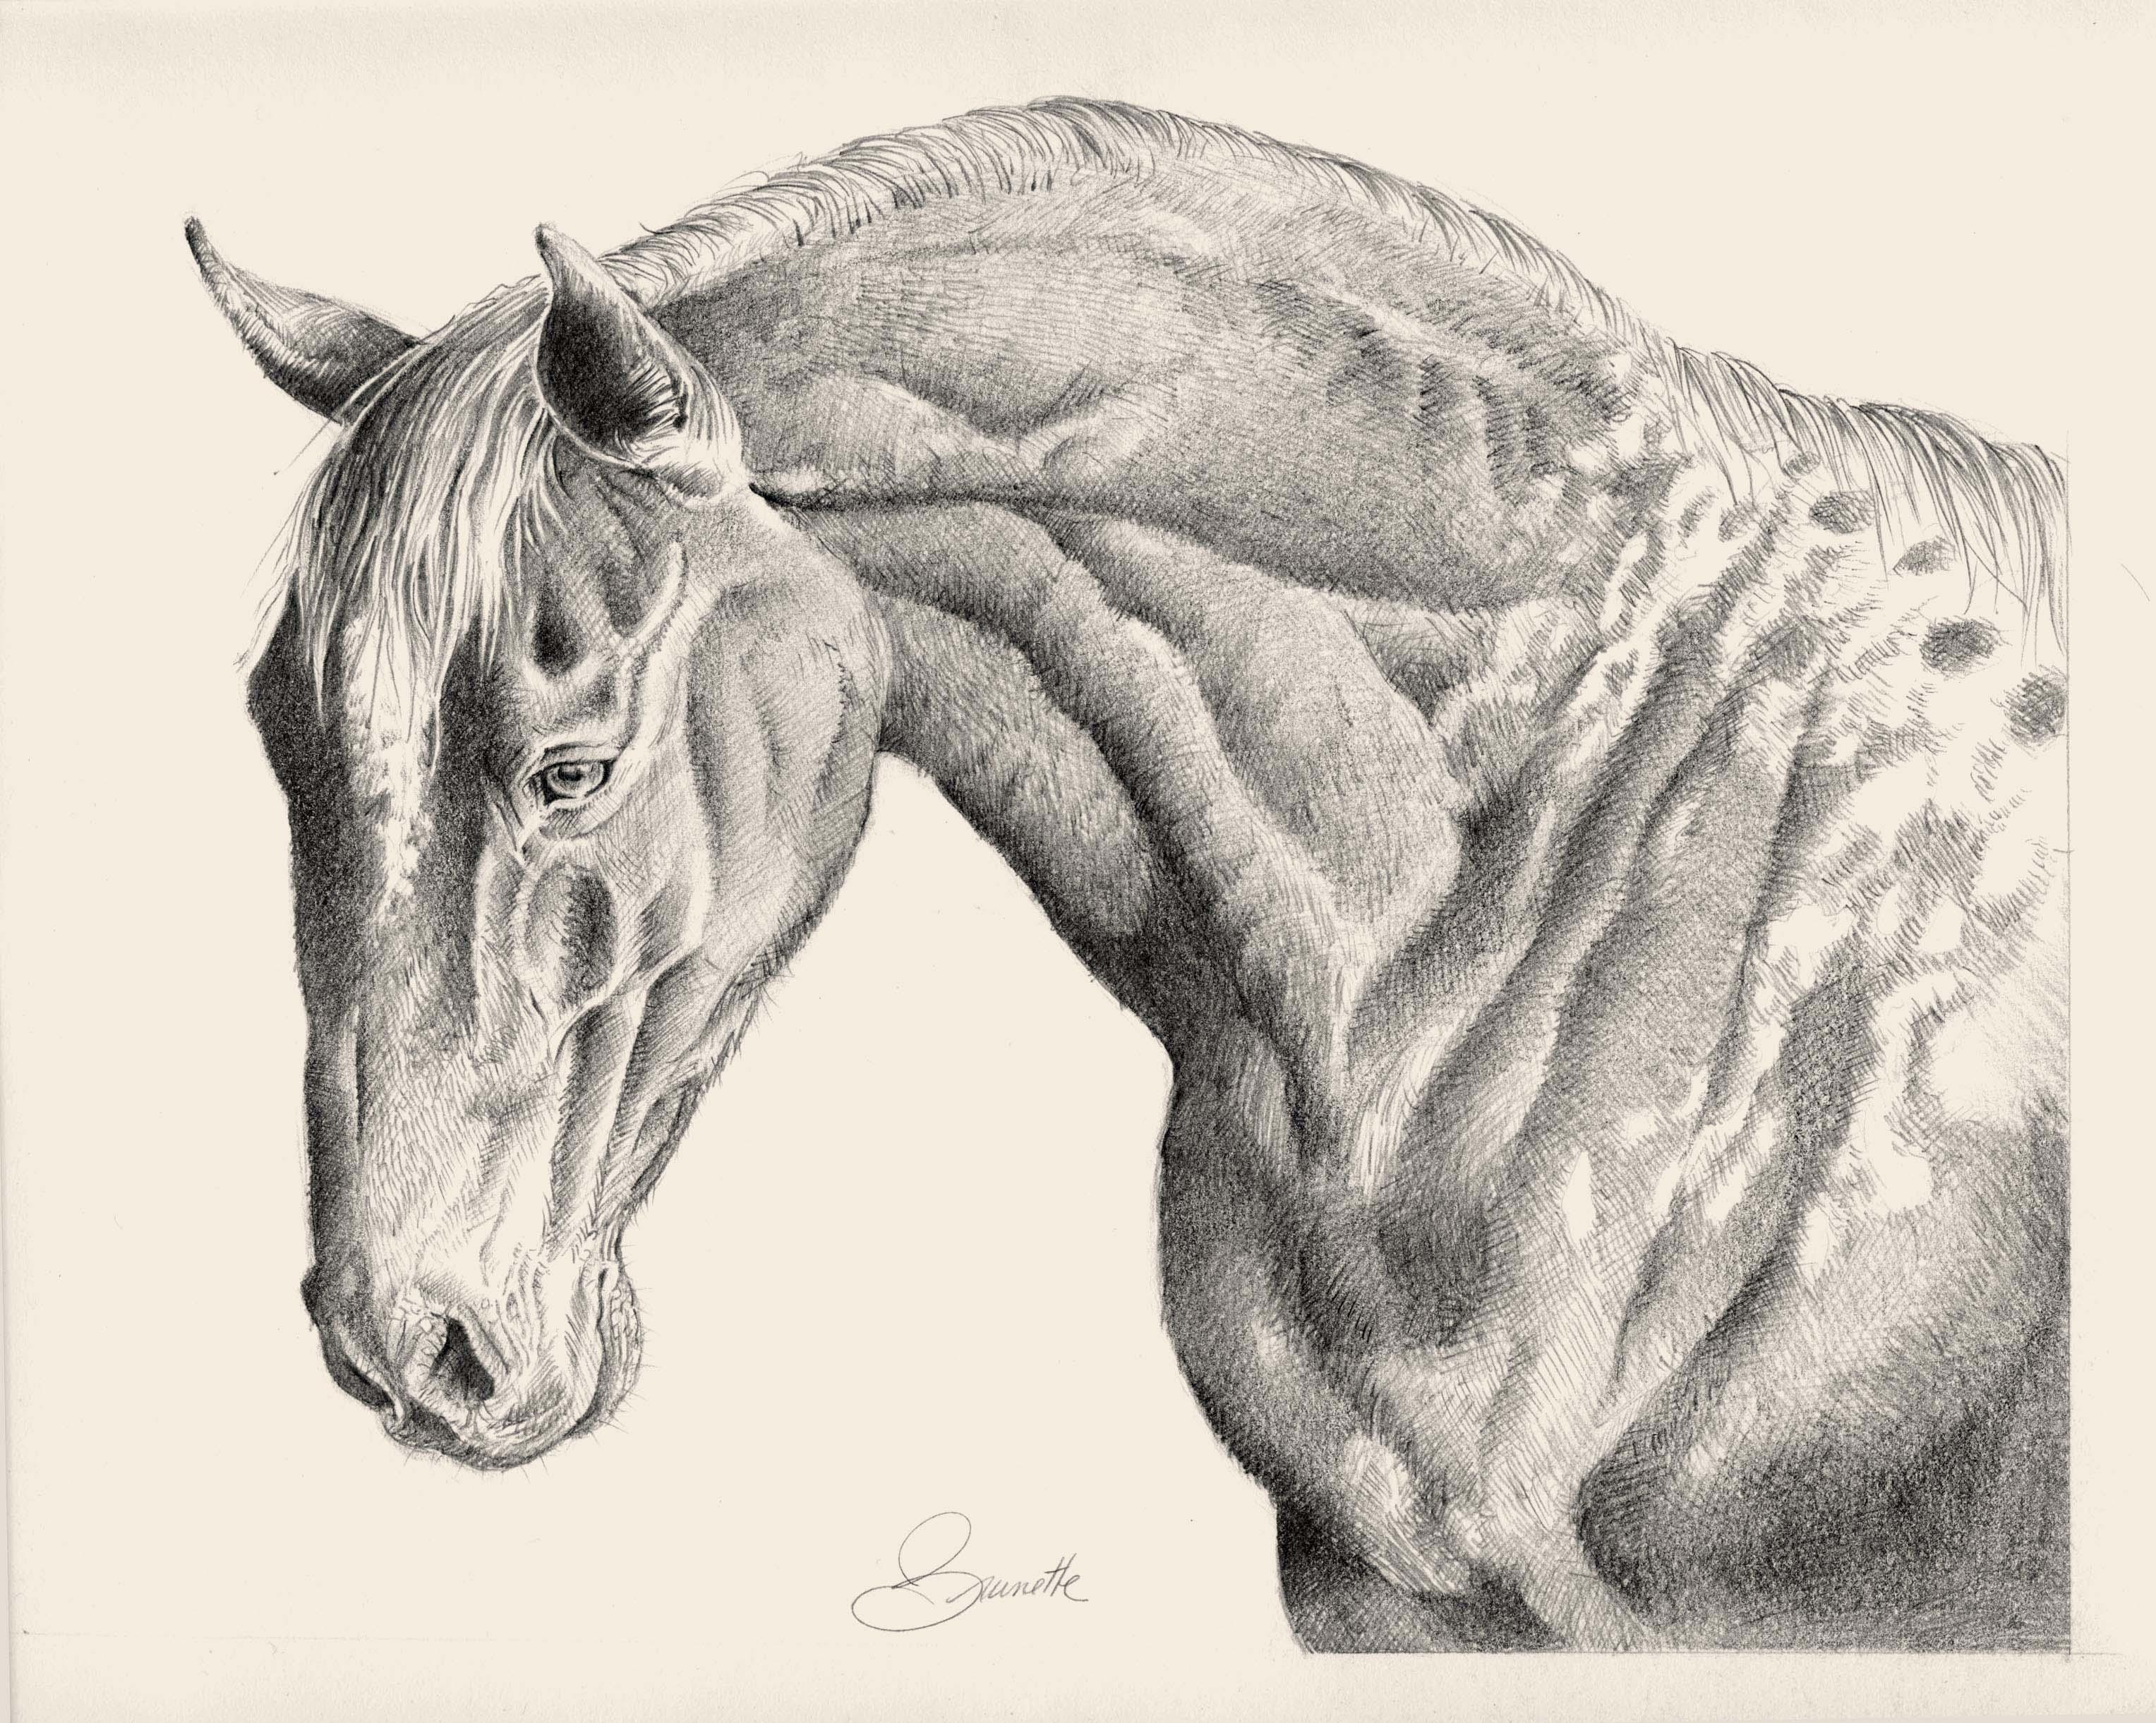 3055x2442 Appaloosa Horse Pencil Drawing By Jean Brunette Drawings